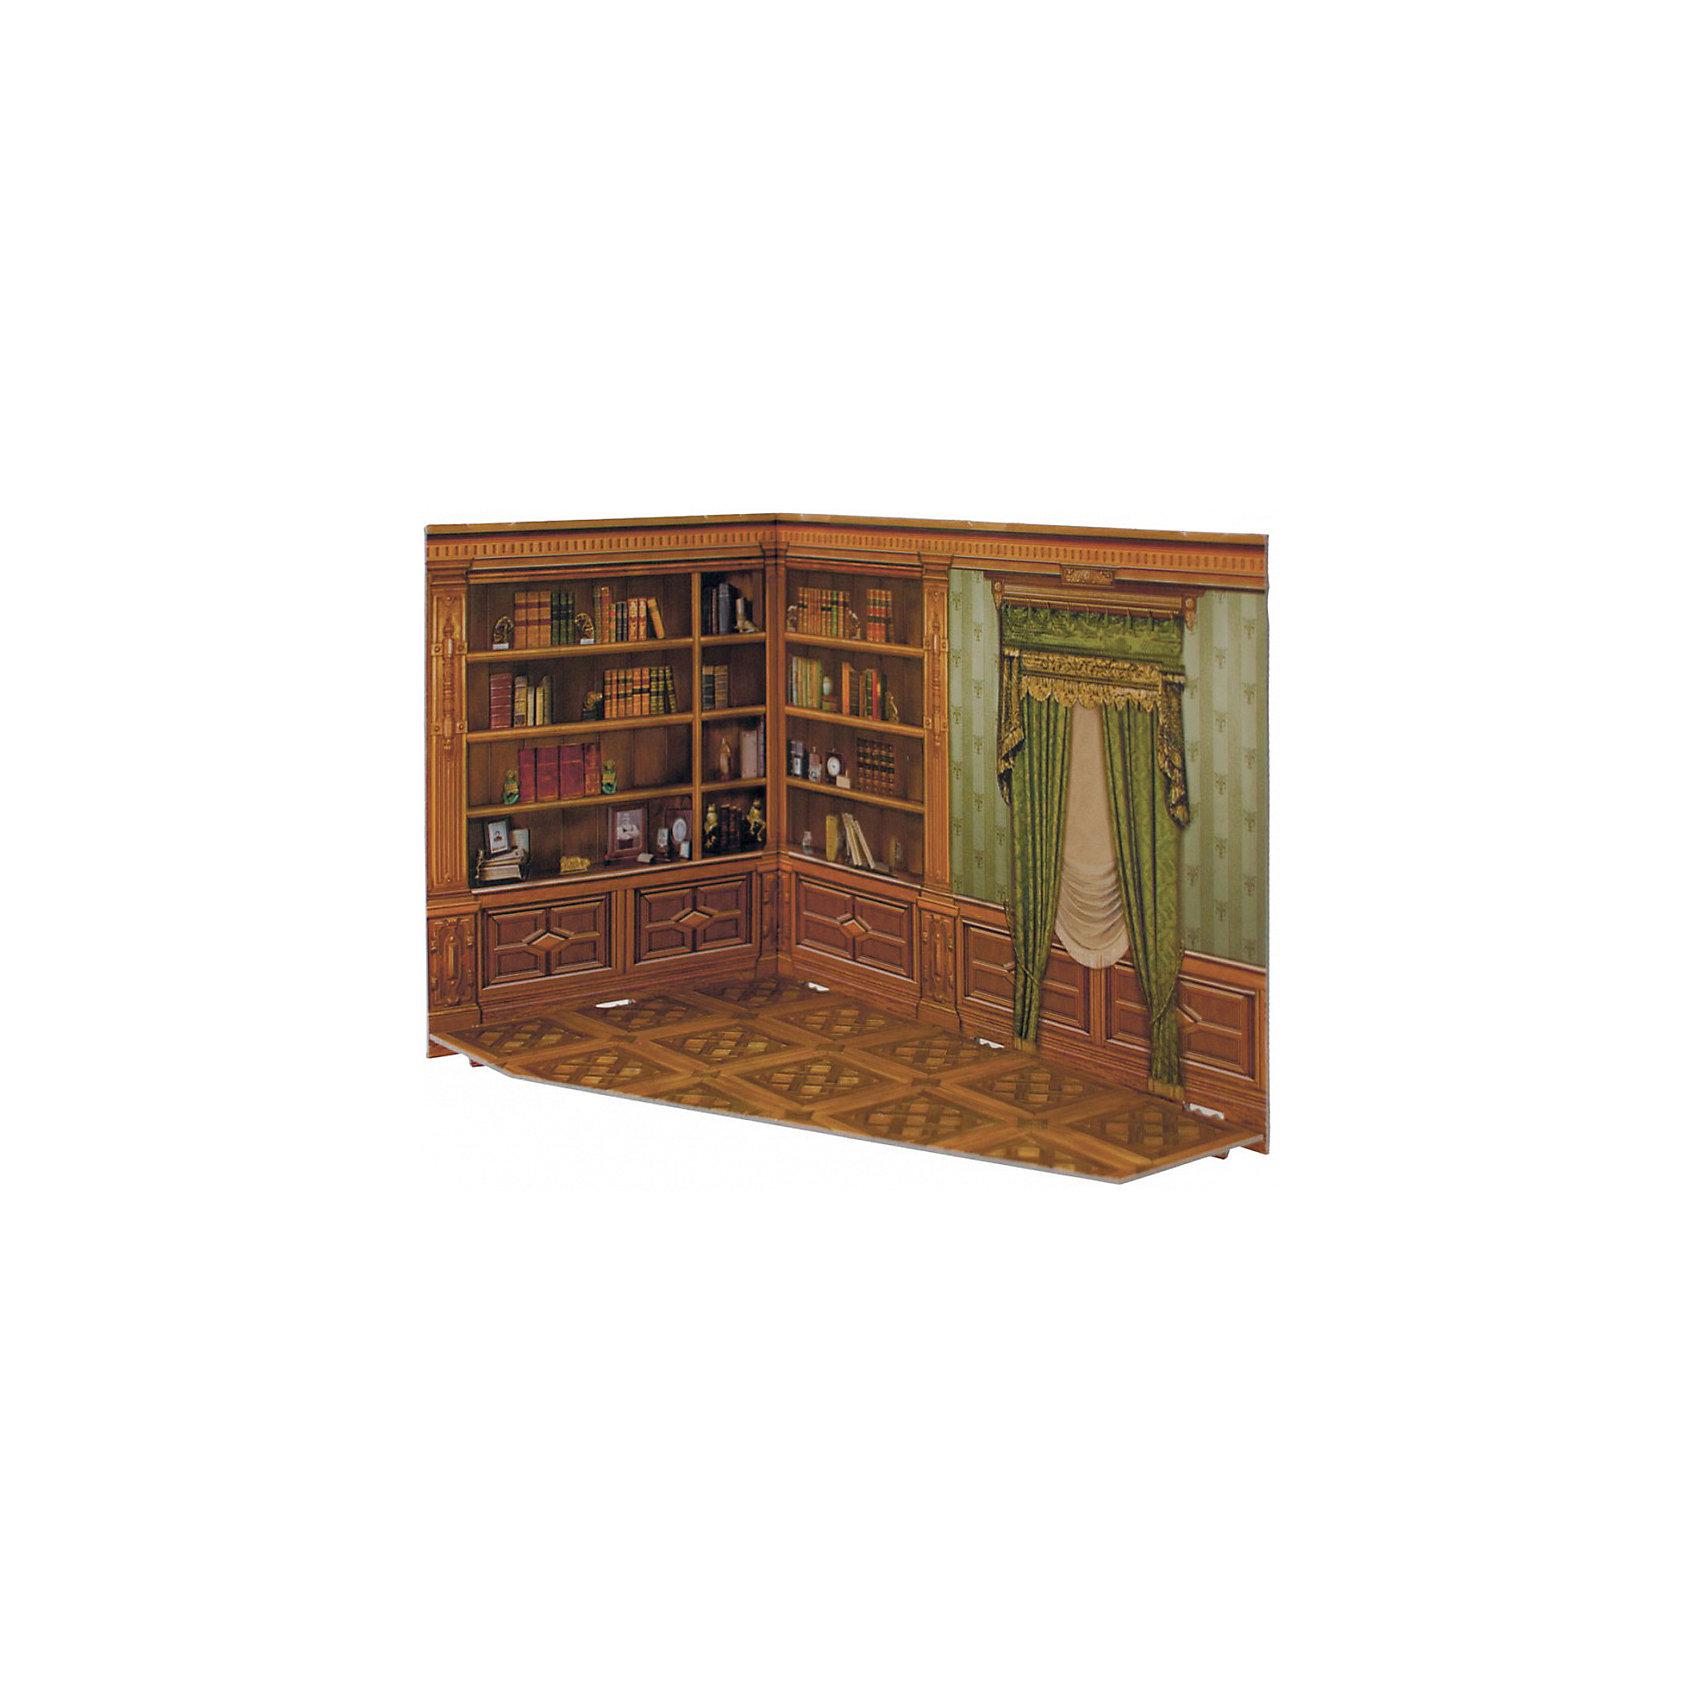 Сборная модель Румбокс КабинетМодели из картона и бумаги<br>Румбокс -кабинет - Сюжетный игровой набор из плотного картона. Серия: Кукольный дом и мебель. Количество деталей, шт: 2. Размер в собранном виде, см: 26 x 20 x 15. Размер упаковки, мм.:  высота 255 ширина 210 глубина 5. Тип упаковки: Пакет ПП с подвесом. Вес, гр.: 201. Возраст: от 7 лет. Все модели и игрушки, созданные по технологии УМНАЯ БУМАГА собираются без ножниц и клея, что является их неповторимой особенностью.<br>Принцип соединения деталей запатентован. Соединения деталей продуманы и просчитаны с такой точностью, что при правильной сборке с моделью можно играть, как с обычной игрушкой.<br><br>Ширина мм: 210<br>Глубина мм: 5<br>Высота мм: 255<br>Вес г: 201<br>Возраст от месяцев: 84<br>Возраст до месяцев: 2147483647<br>Пол: Унисекс<br>Возраст: Детский<br>SKU: 4807422